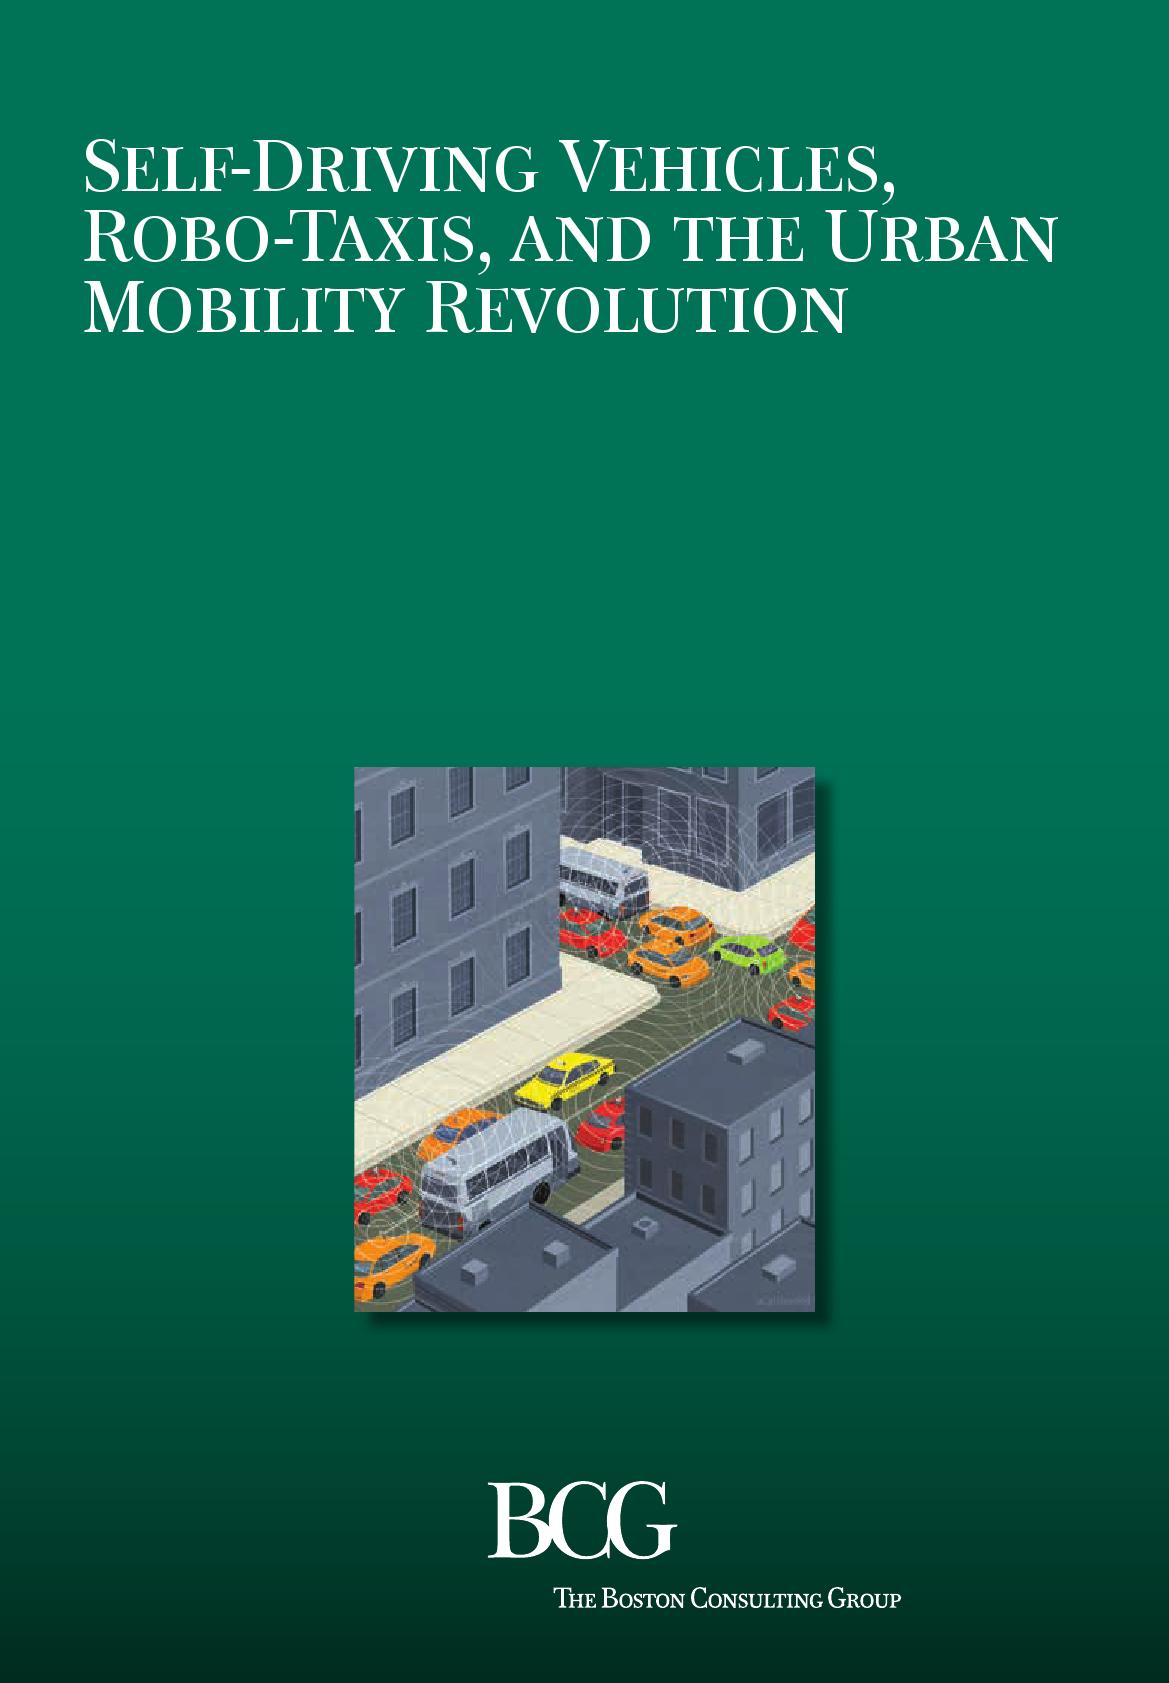 自动驾驶与城市交通革命_000001